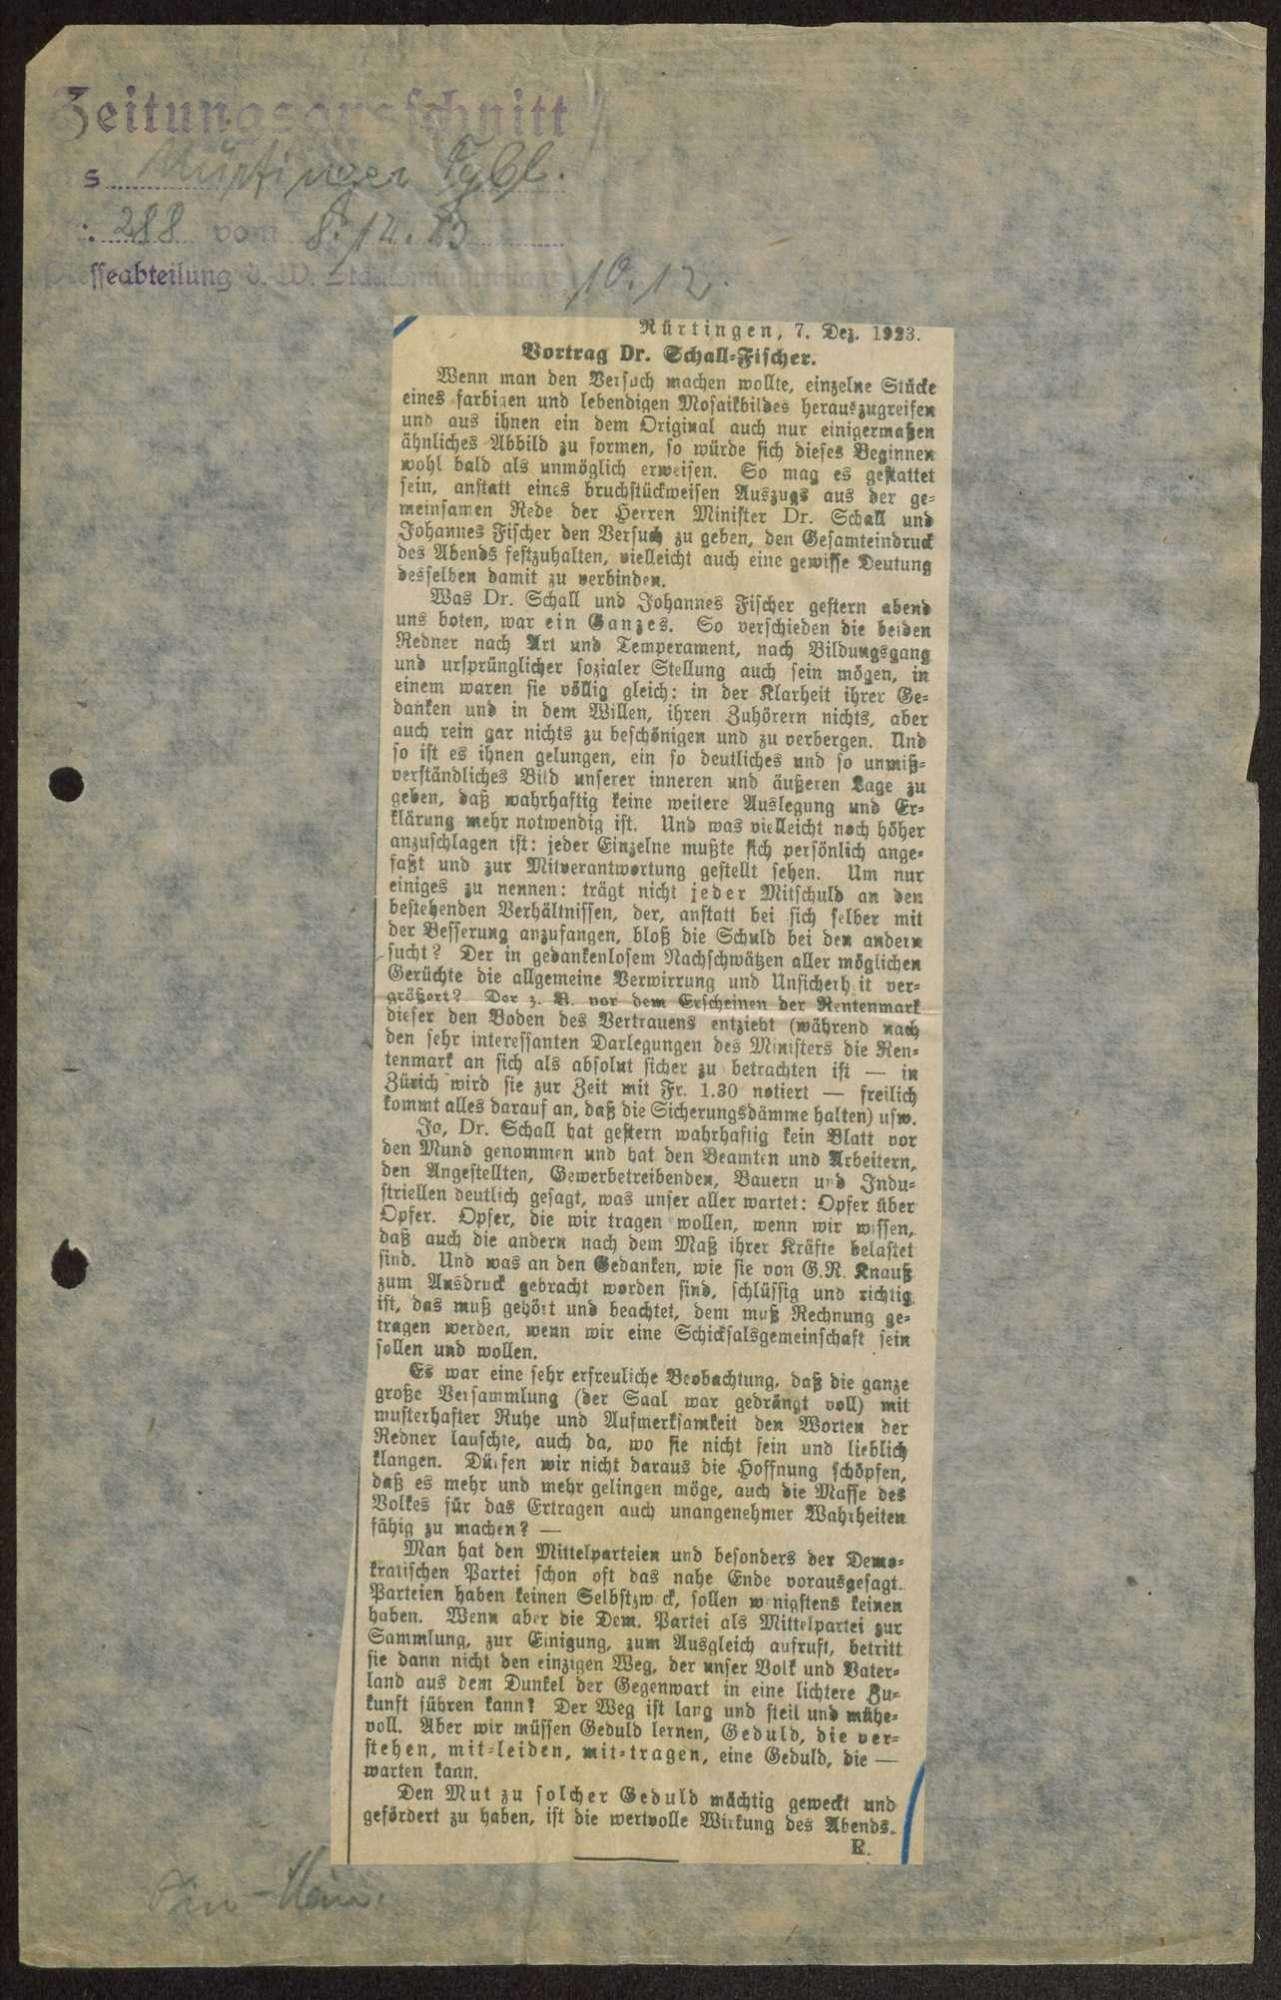 Vortrag Dr. Schall - Johannes Fischer bei einer DDP-Versammlung in Nürtingen (Zeitungsbericht im Nürtinger Tagblatt vom 8.12.1923), Bild 1